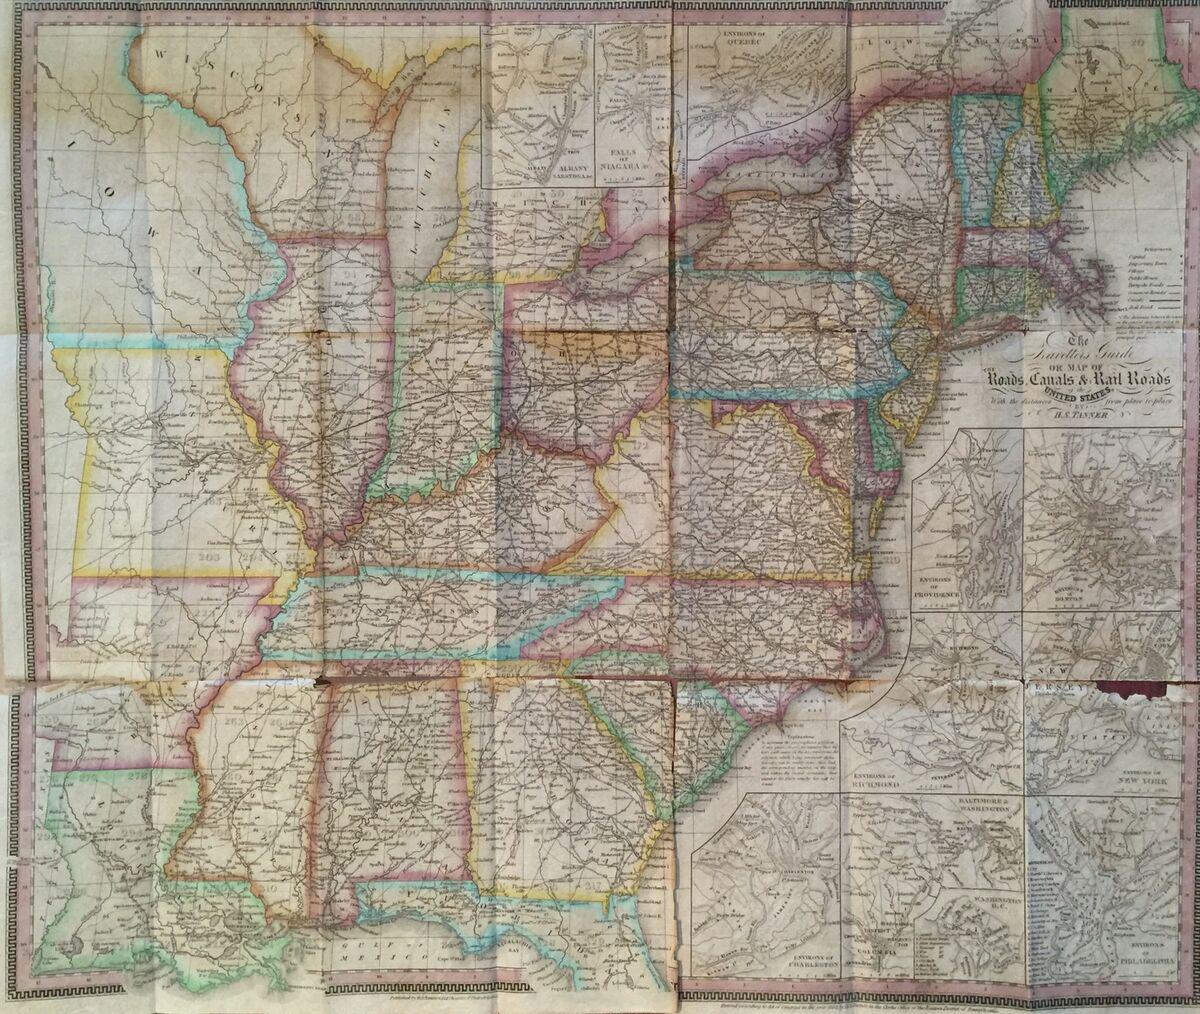 Thorsness Books & Maps